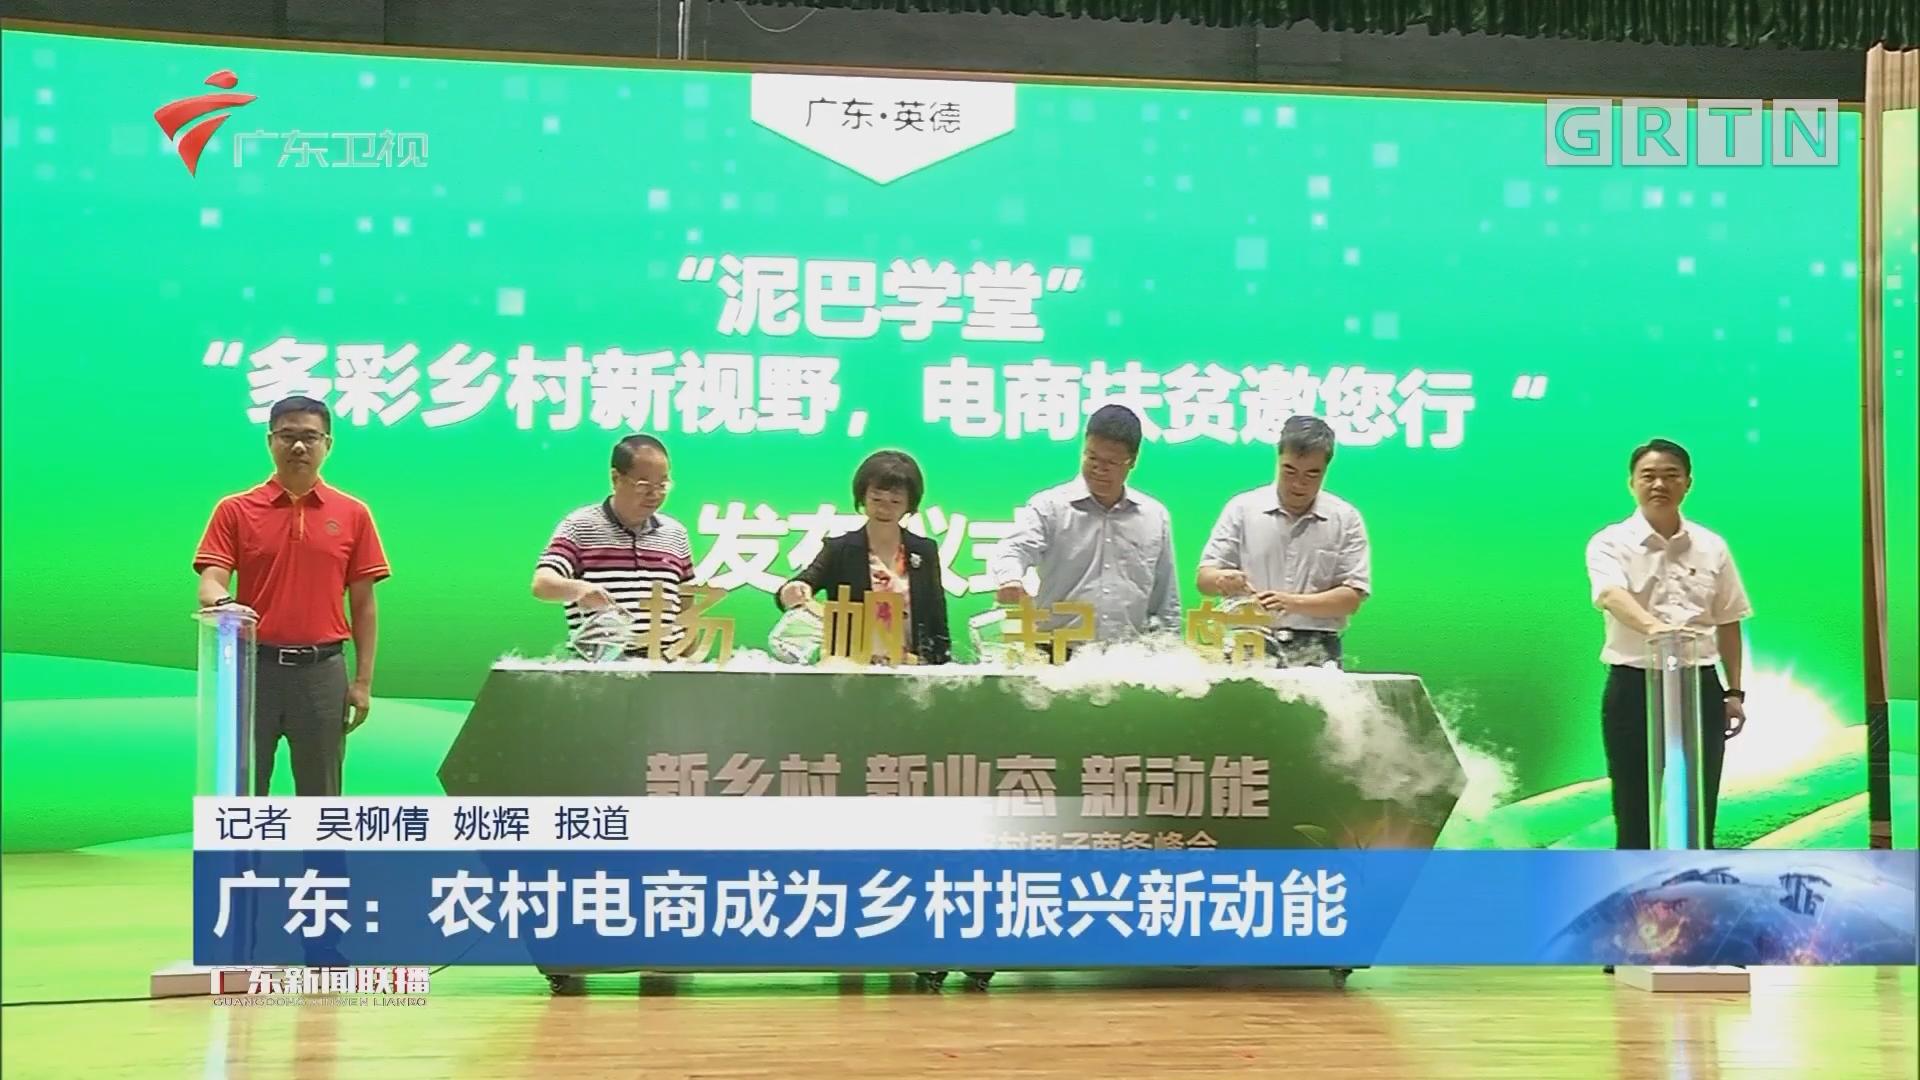 广东:农村电商成为乡村振兴新动能